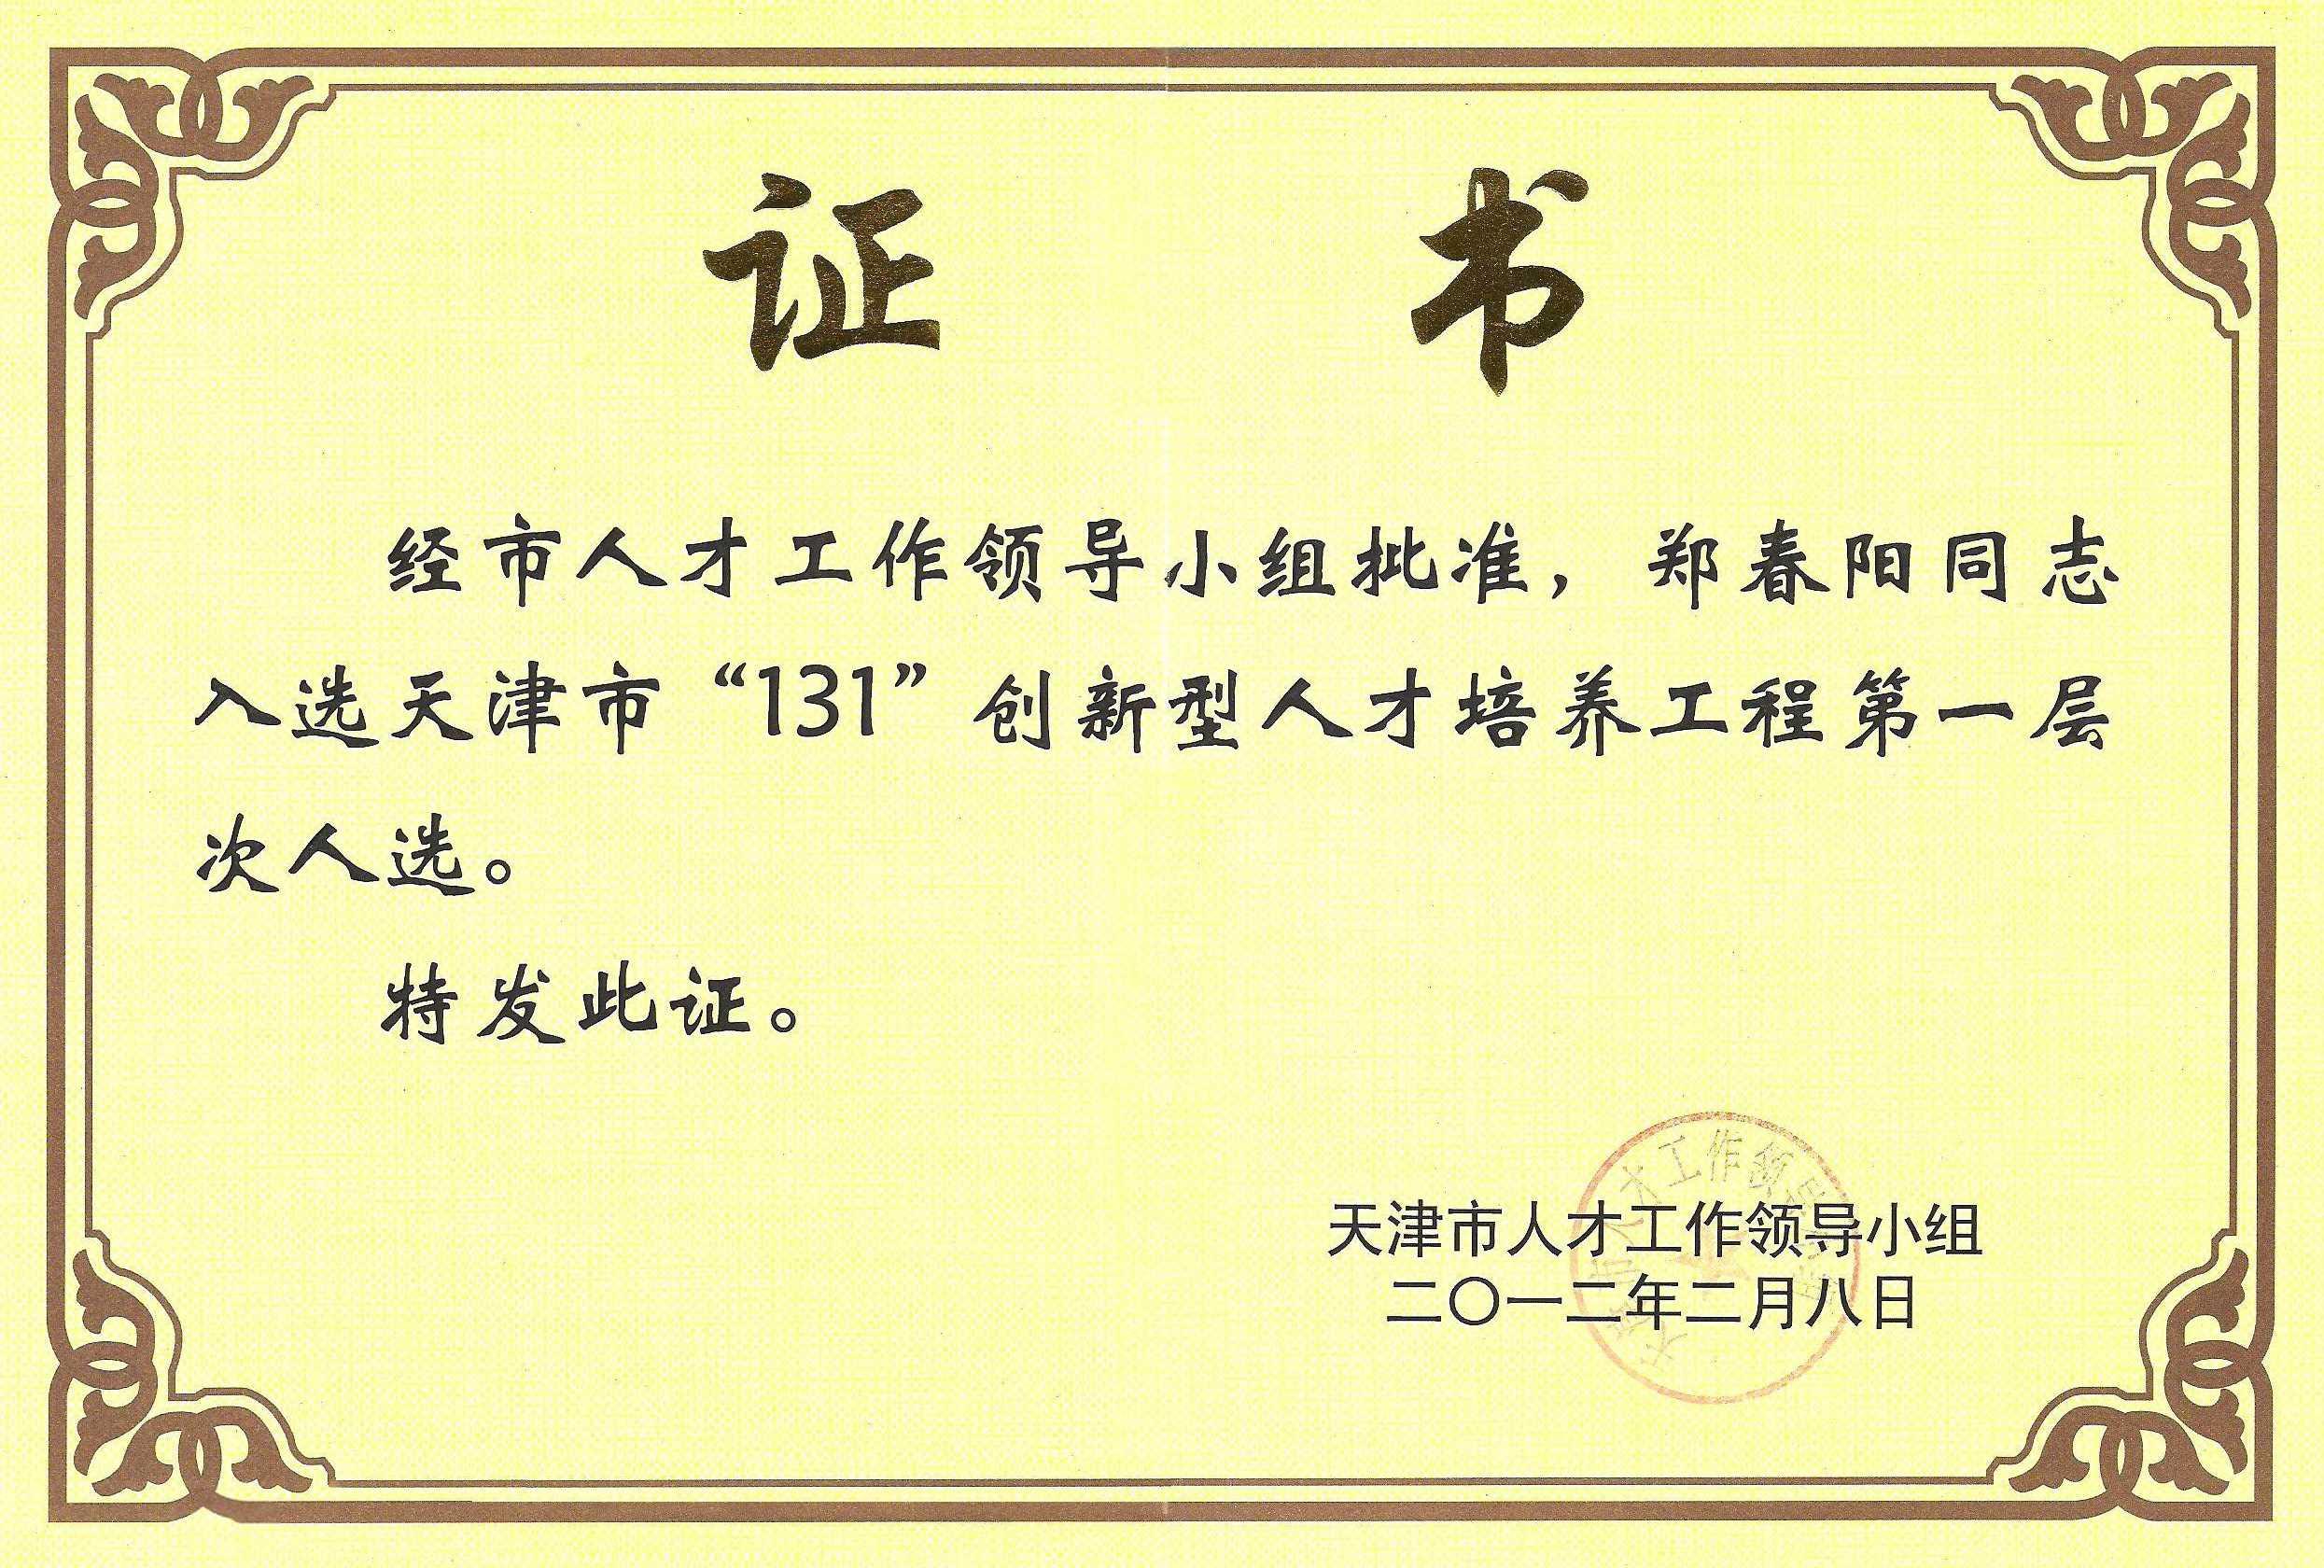 公司荣誉-131人才证书